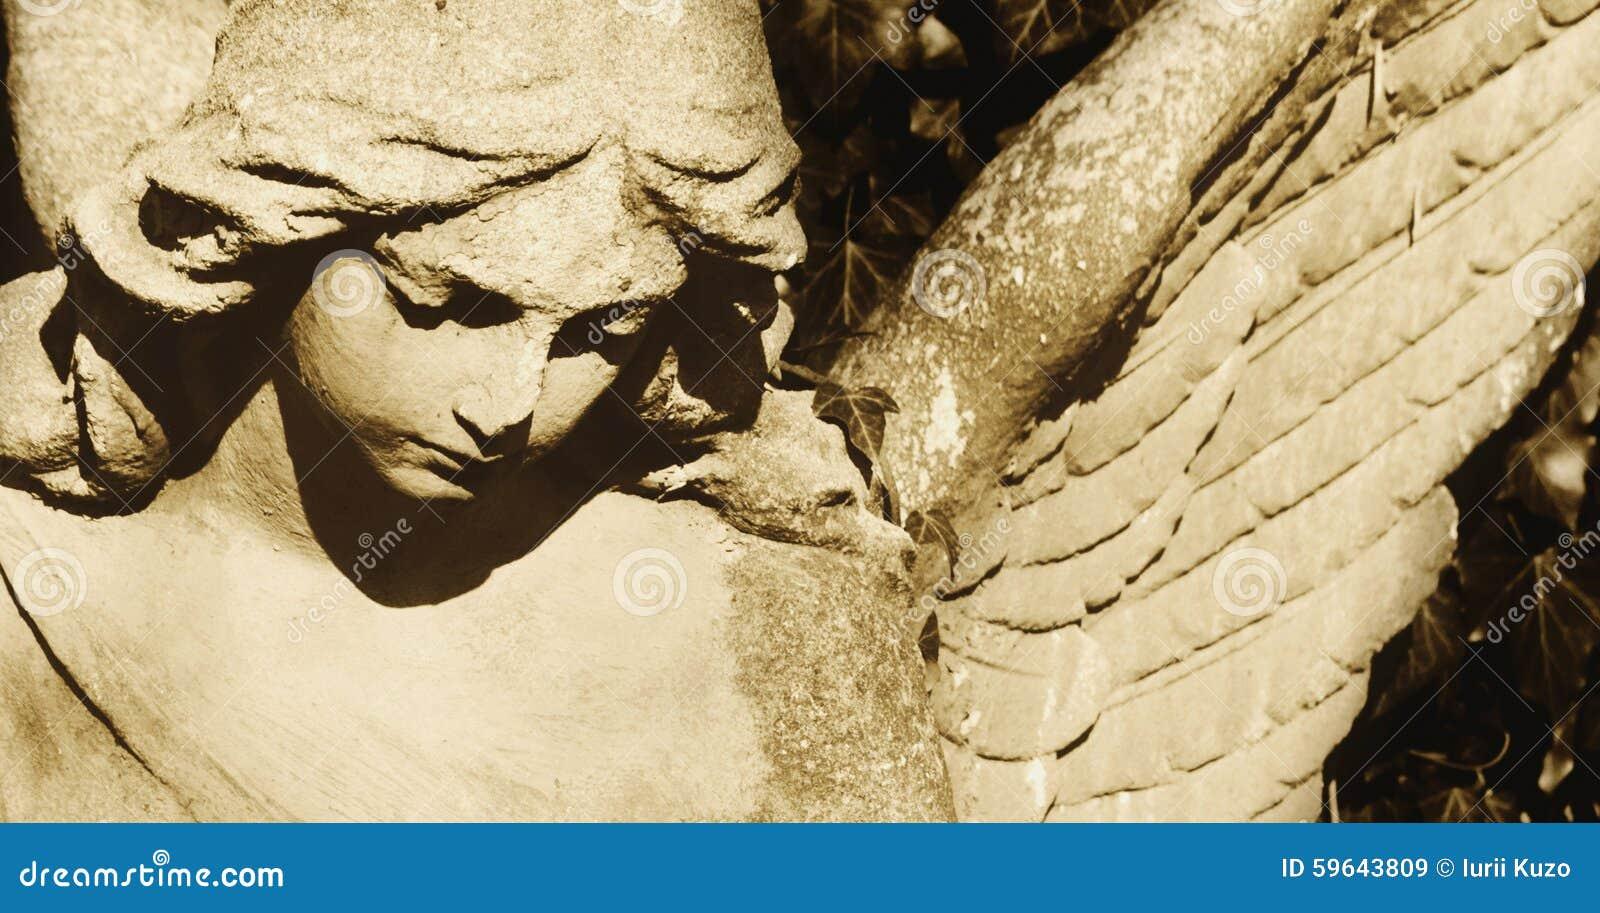 Imagem do vintage de um anjo triste em um cemitério